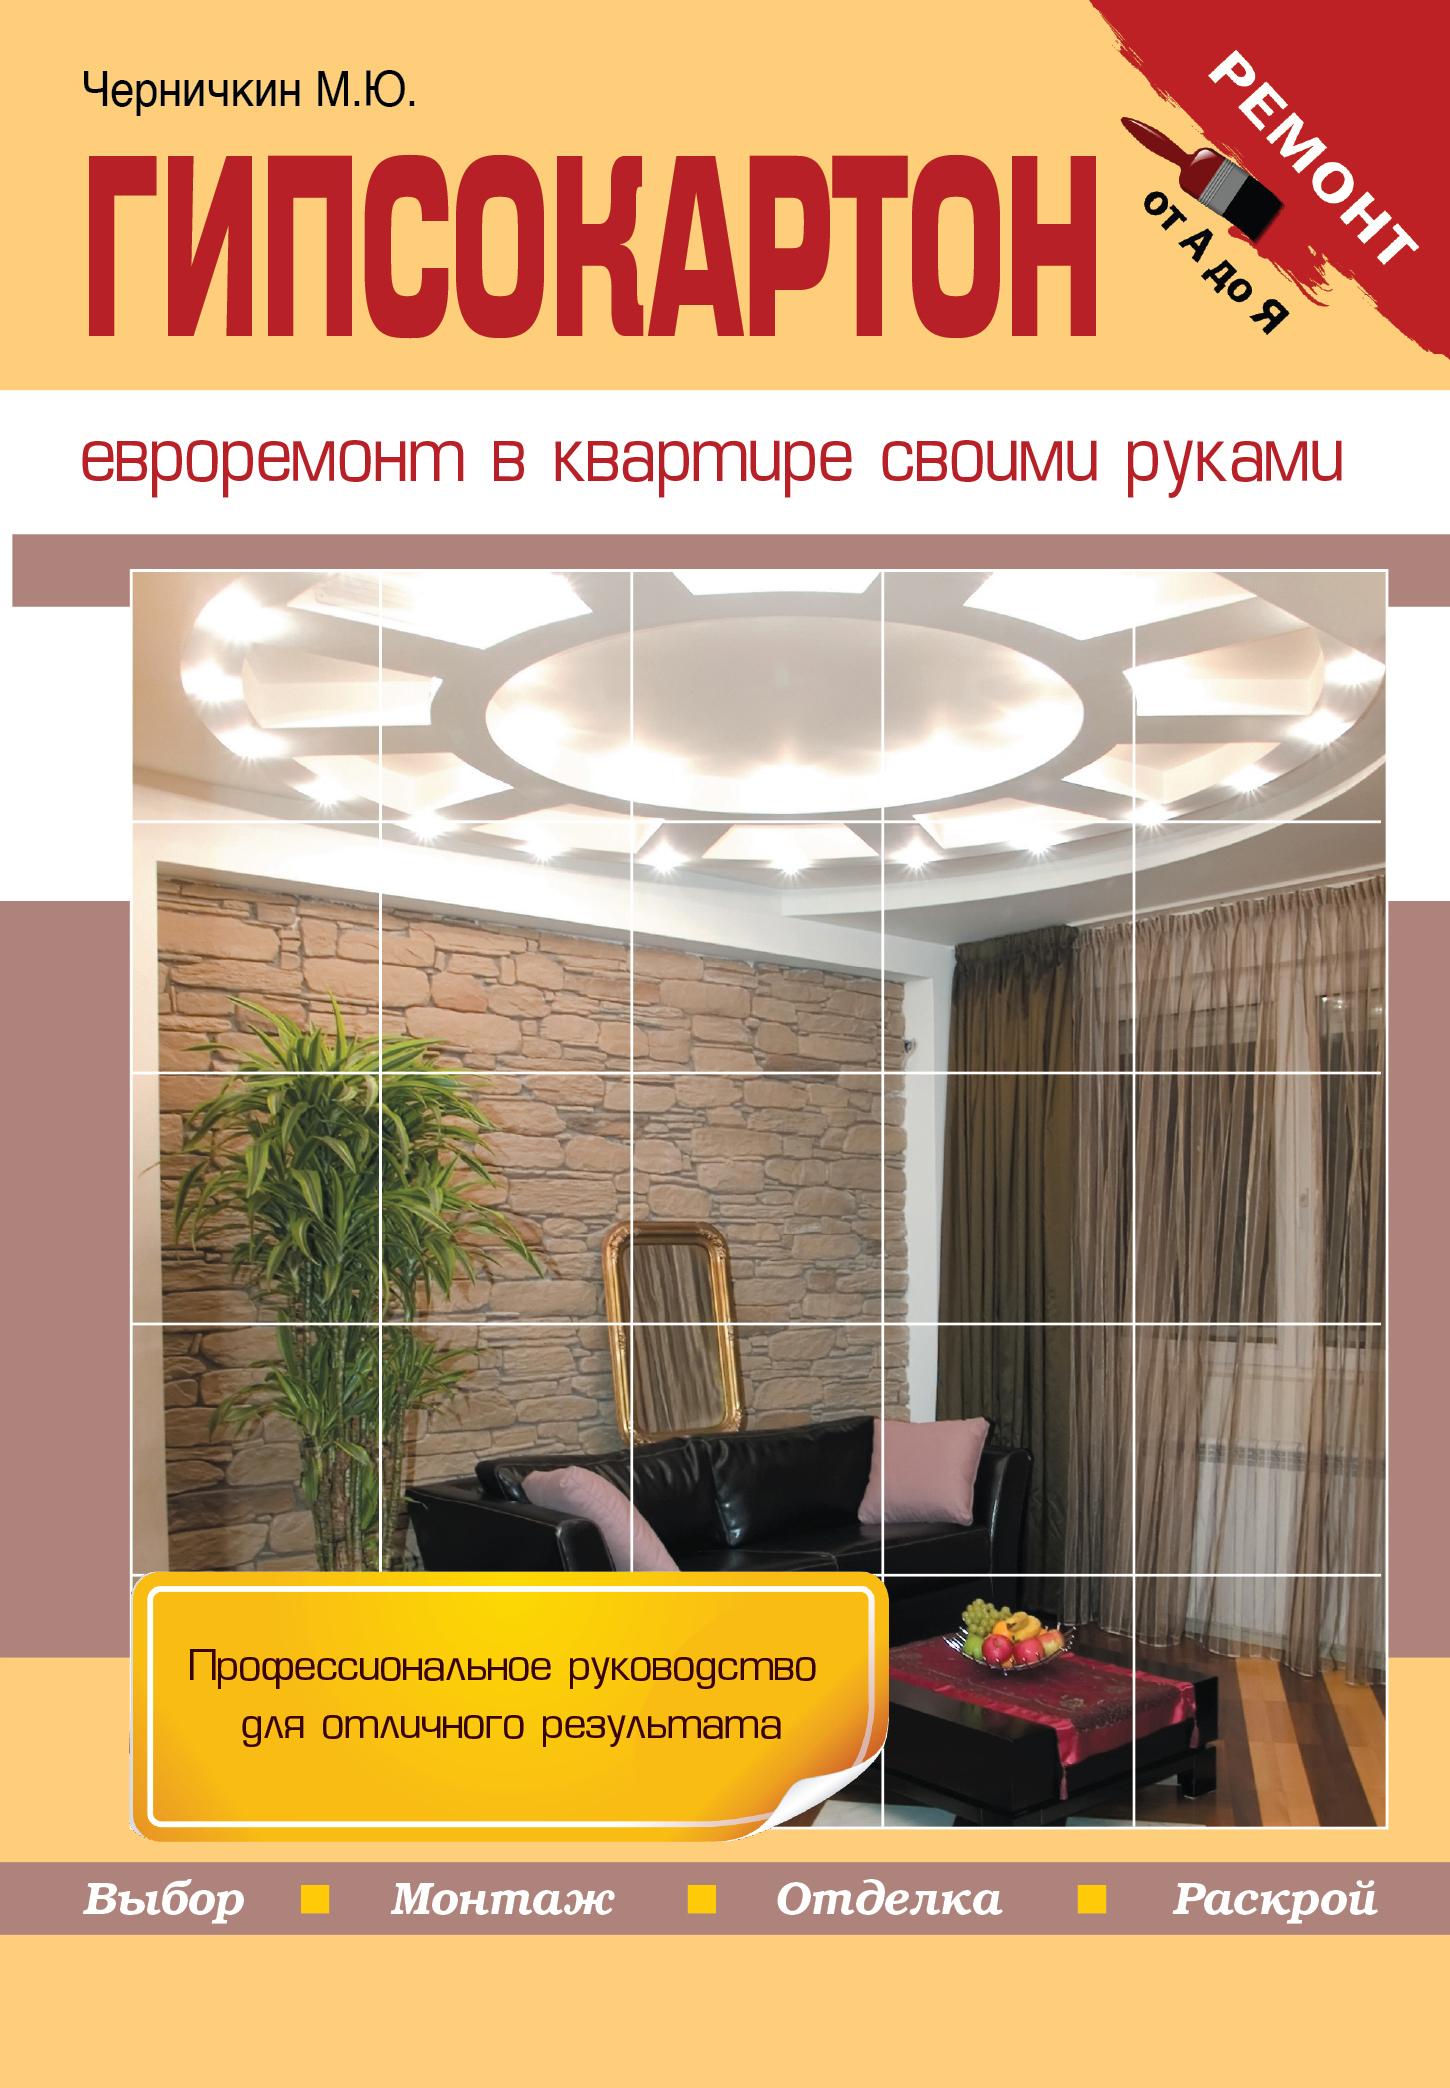 Гипсокартон от book24.ru